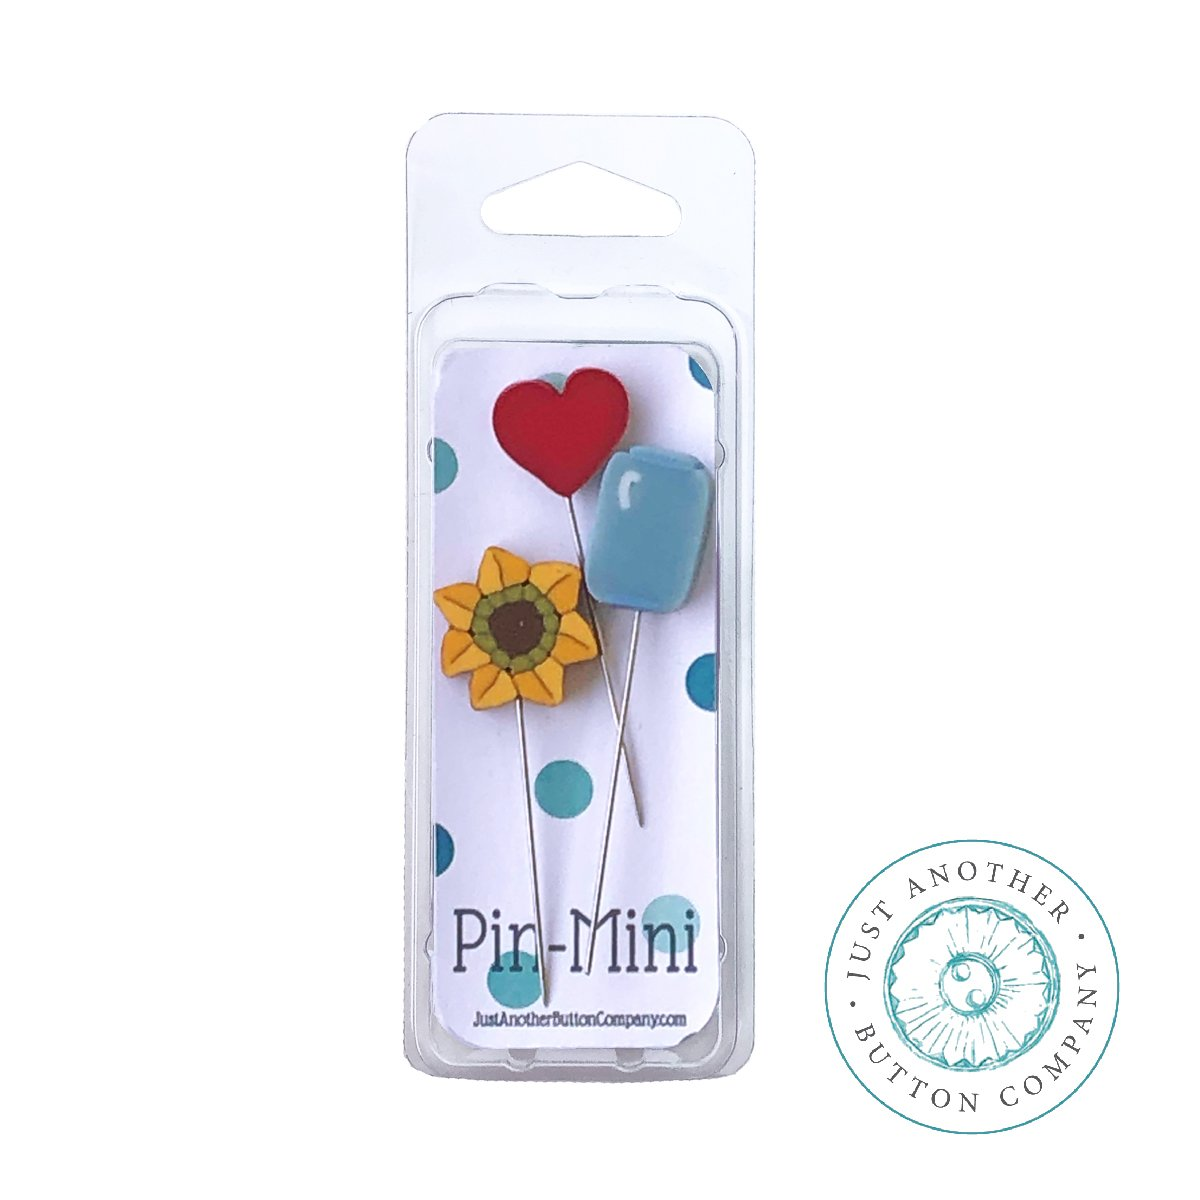 JABC Harvest Jar Pin- Mini